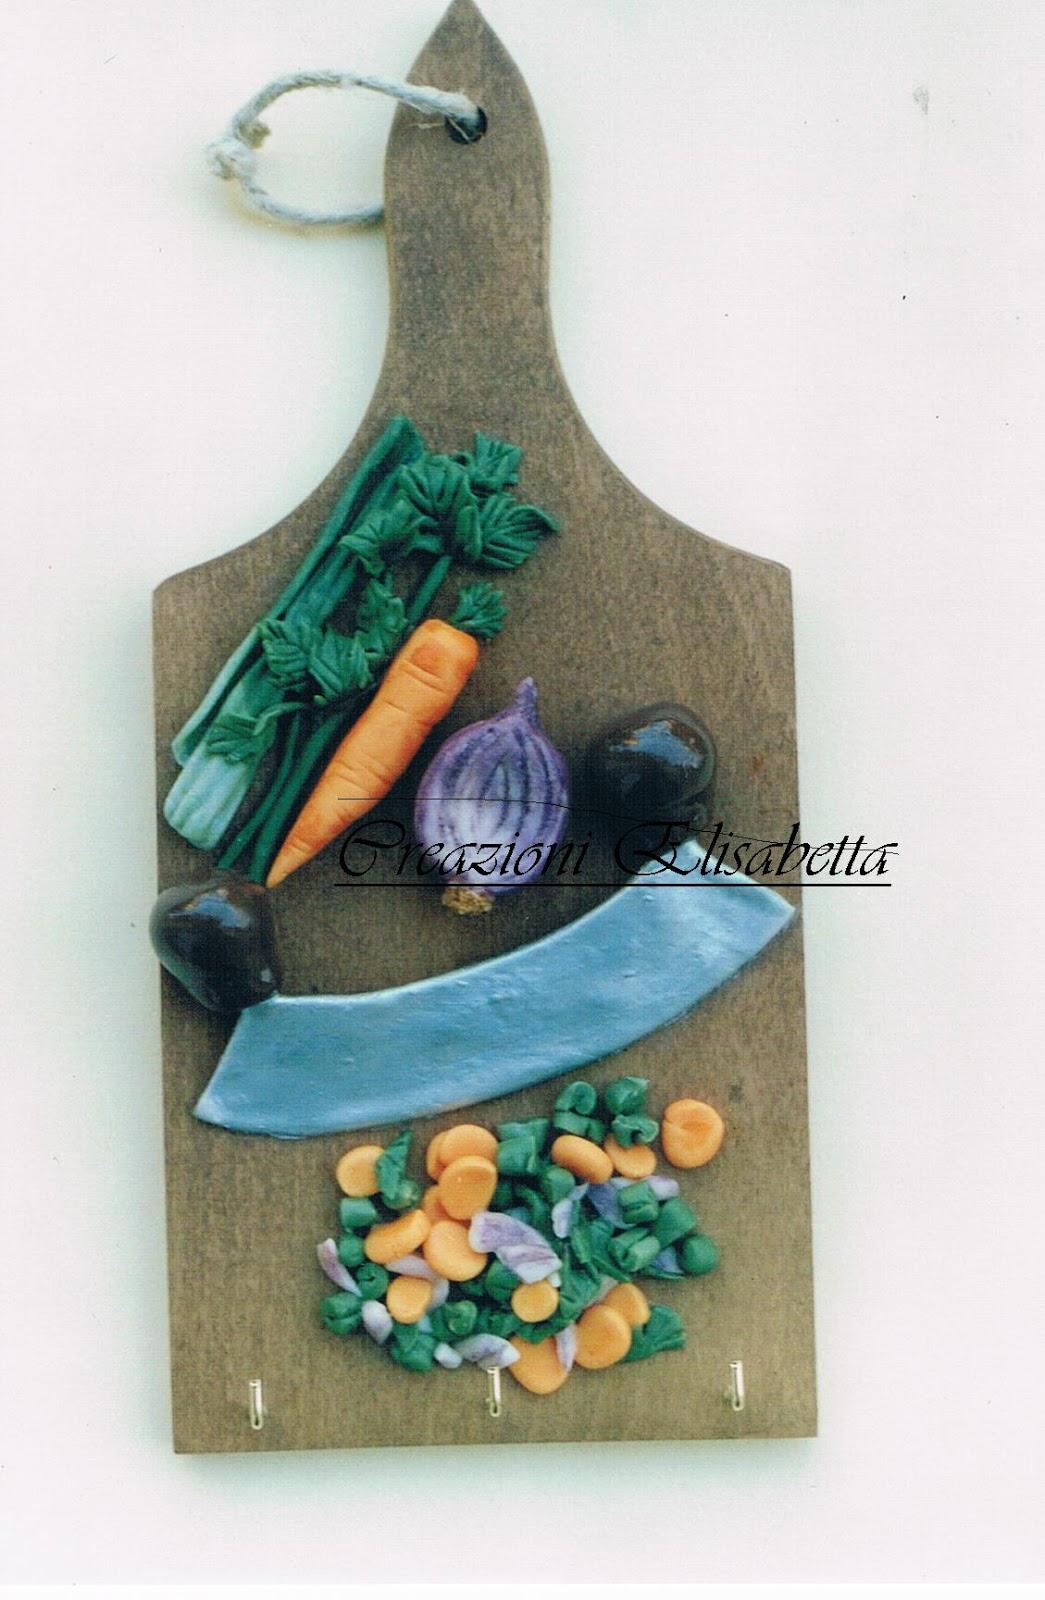 Creazioni elisabetta oggetti cucina for Oggetti cucina